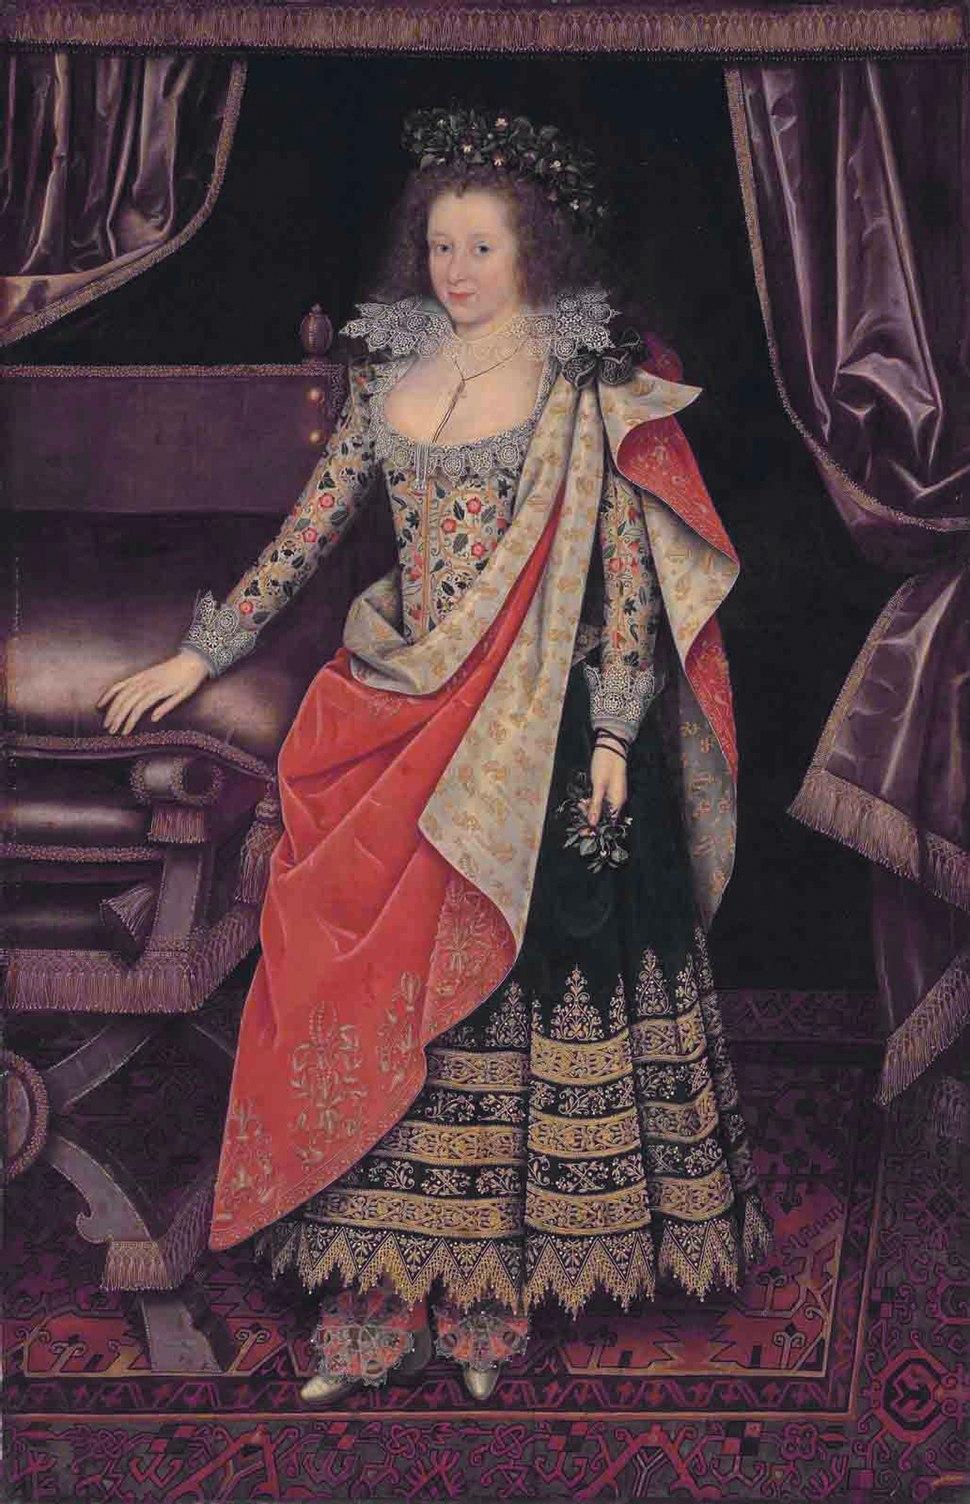 Frances Howard Countess of Hertford